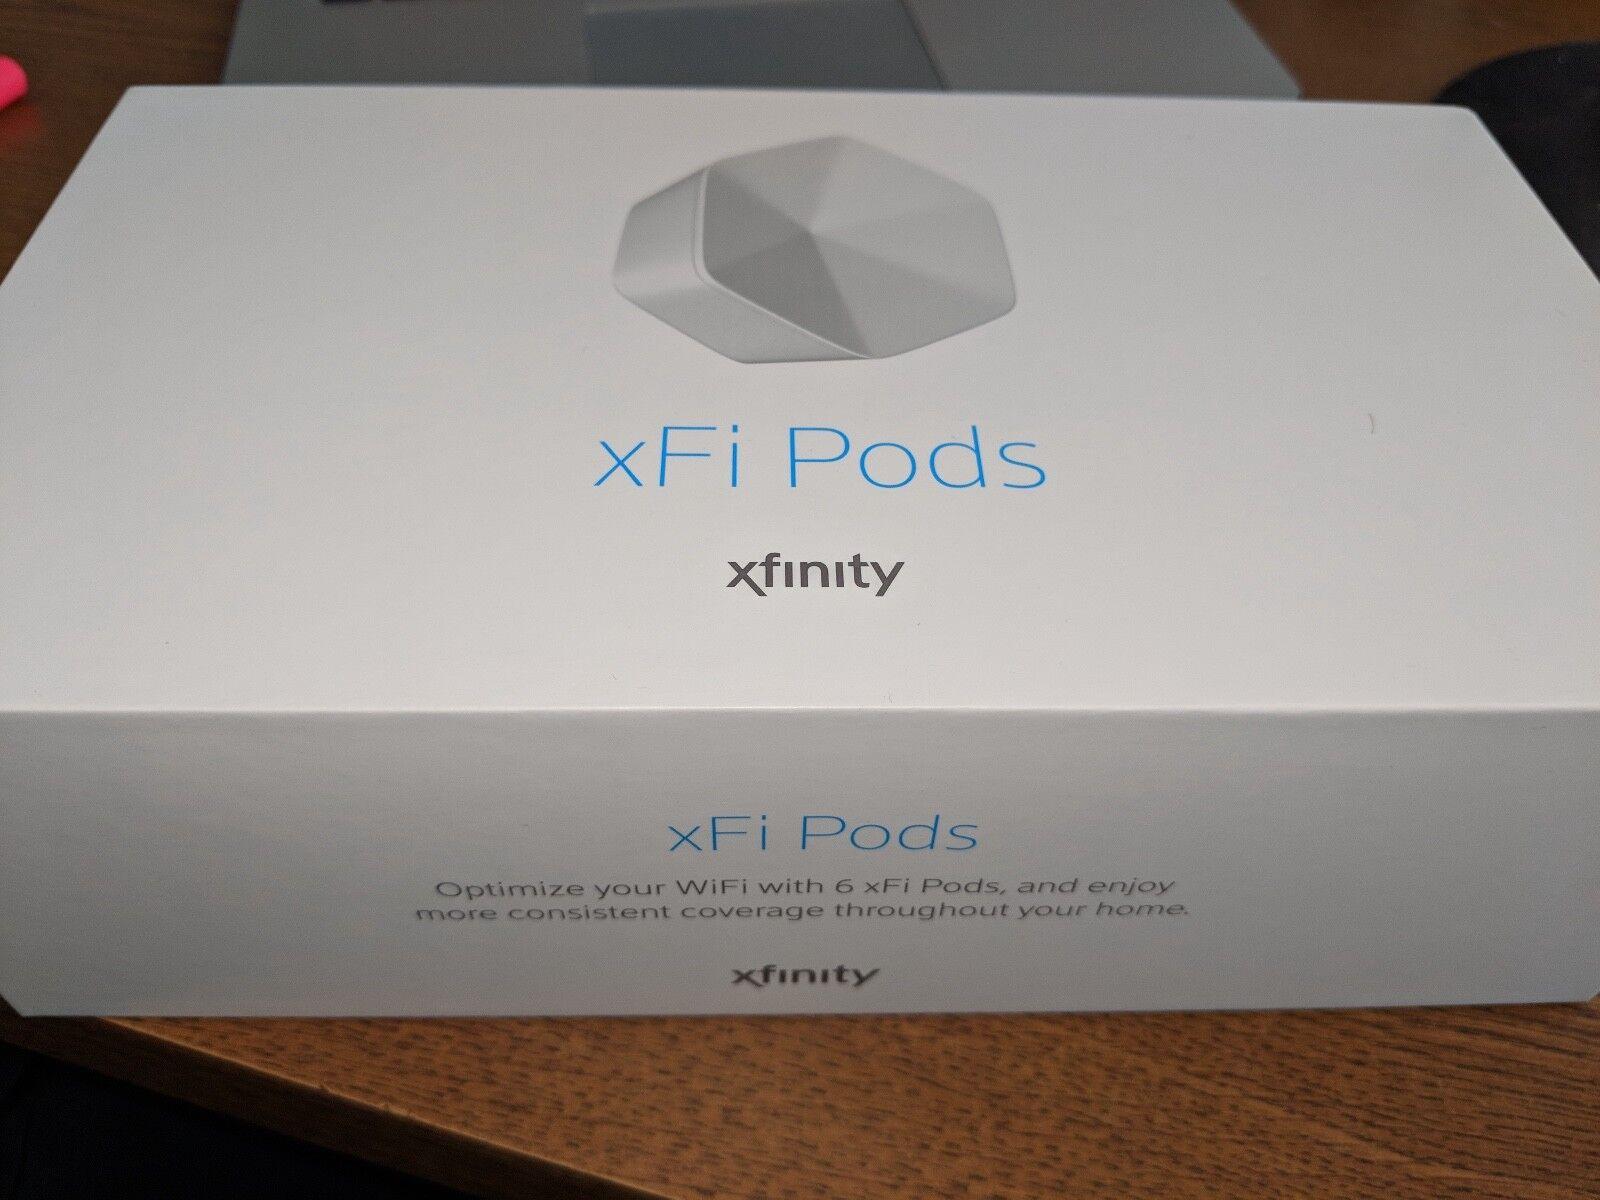 Comcast xfinity xFi wifi Pod